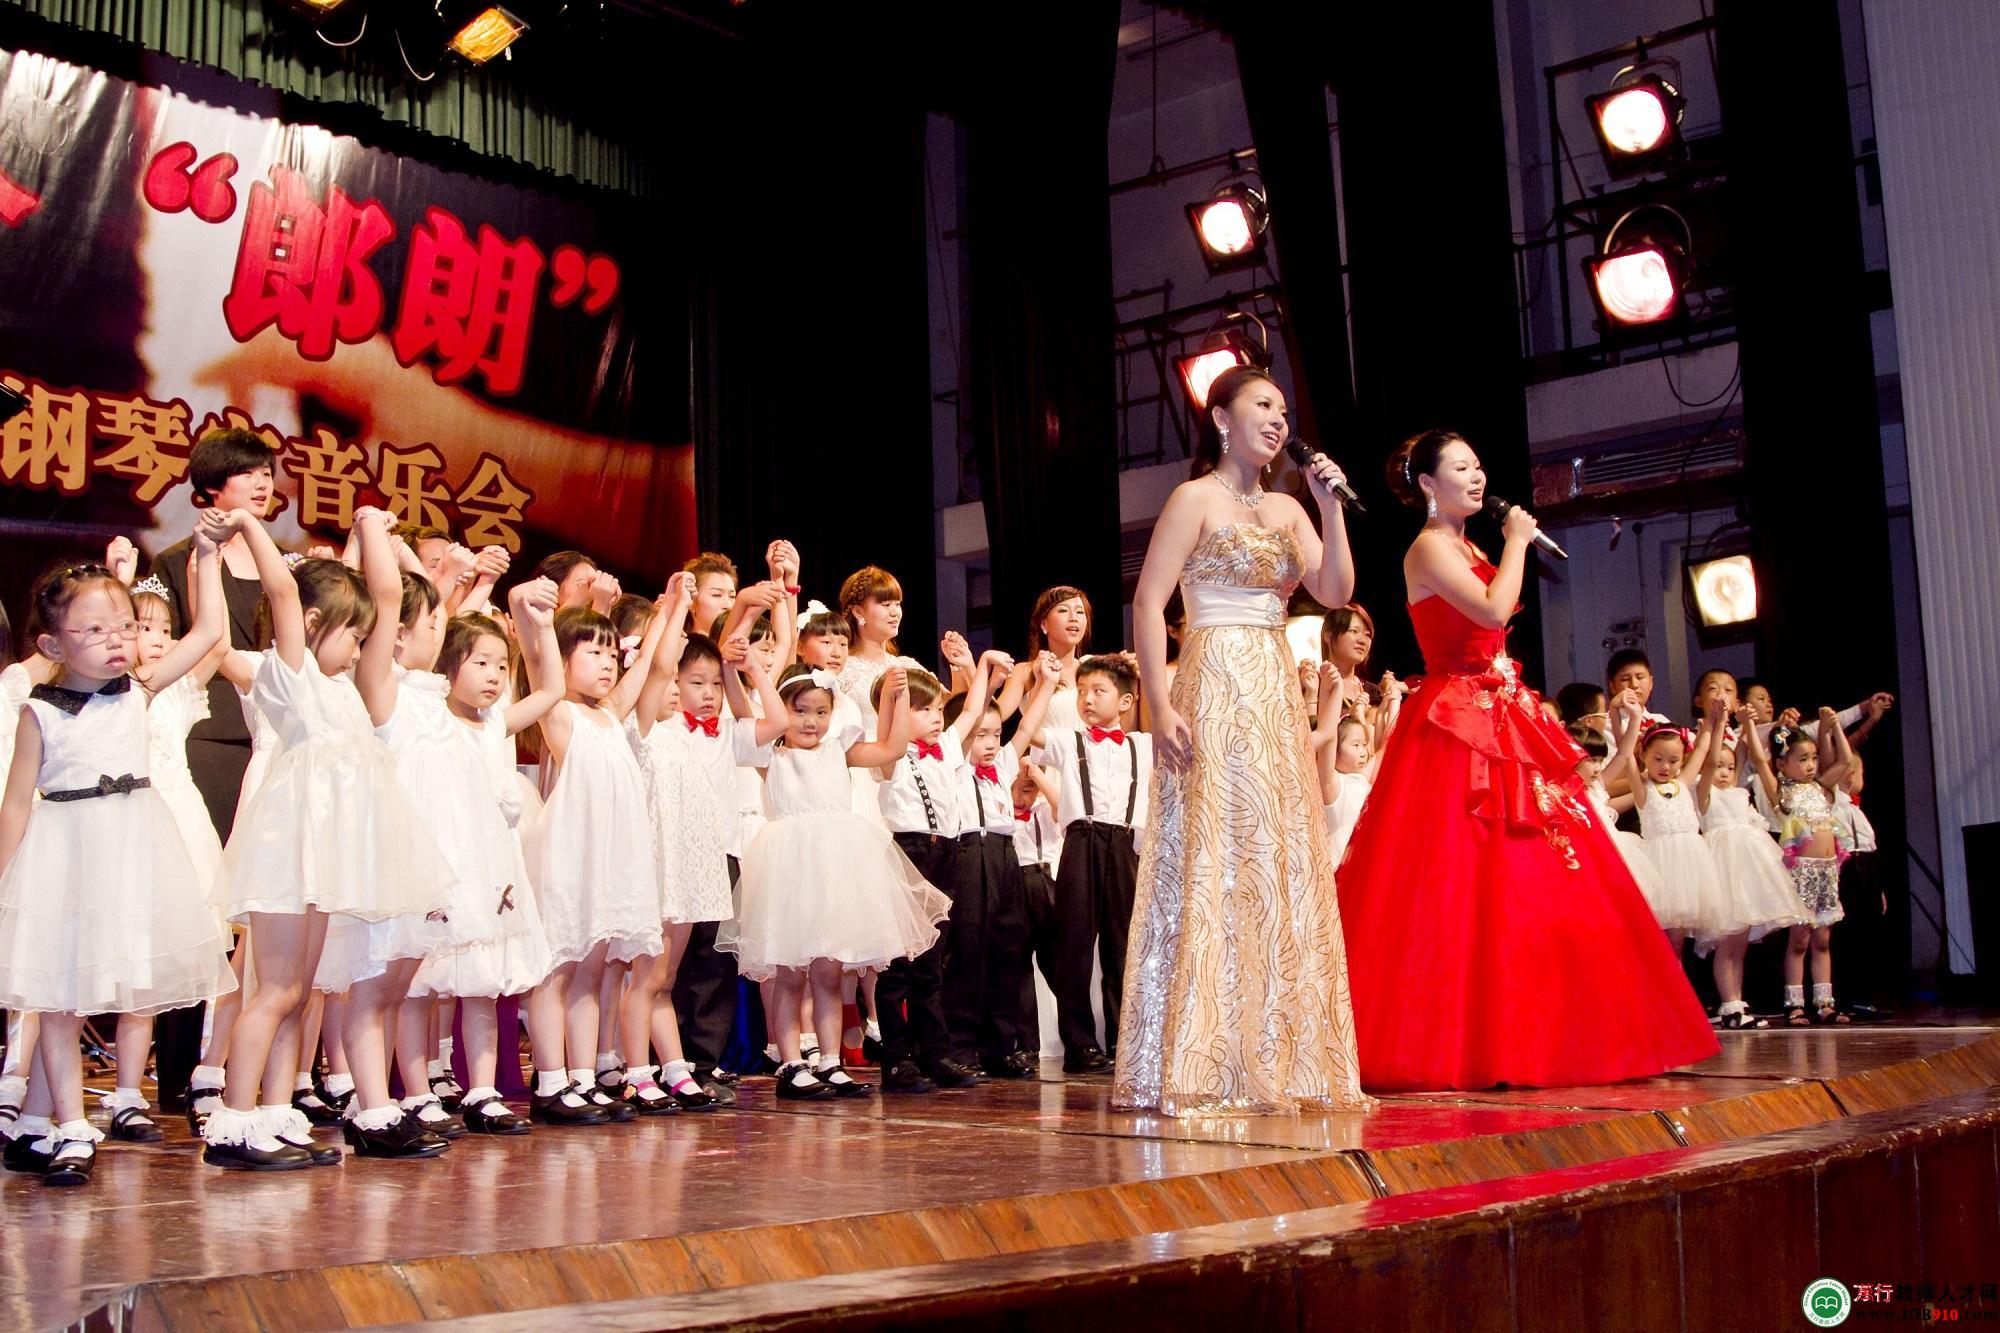 杭州钢琴宝贝工作室招聘信息-万行教师人才网